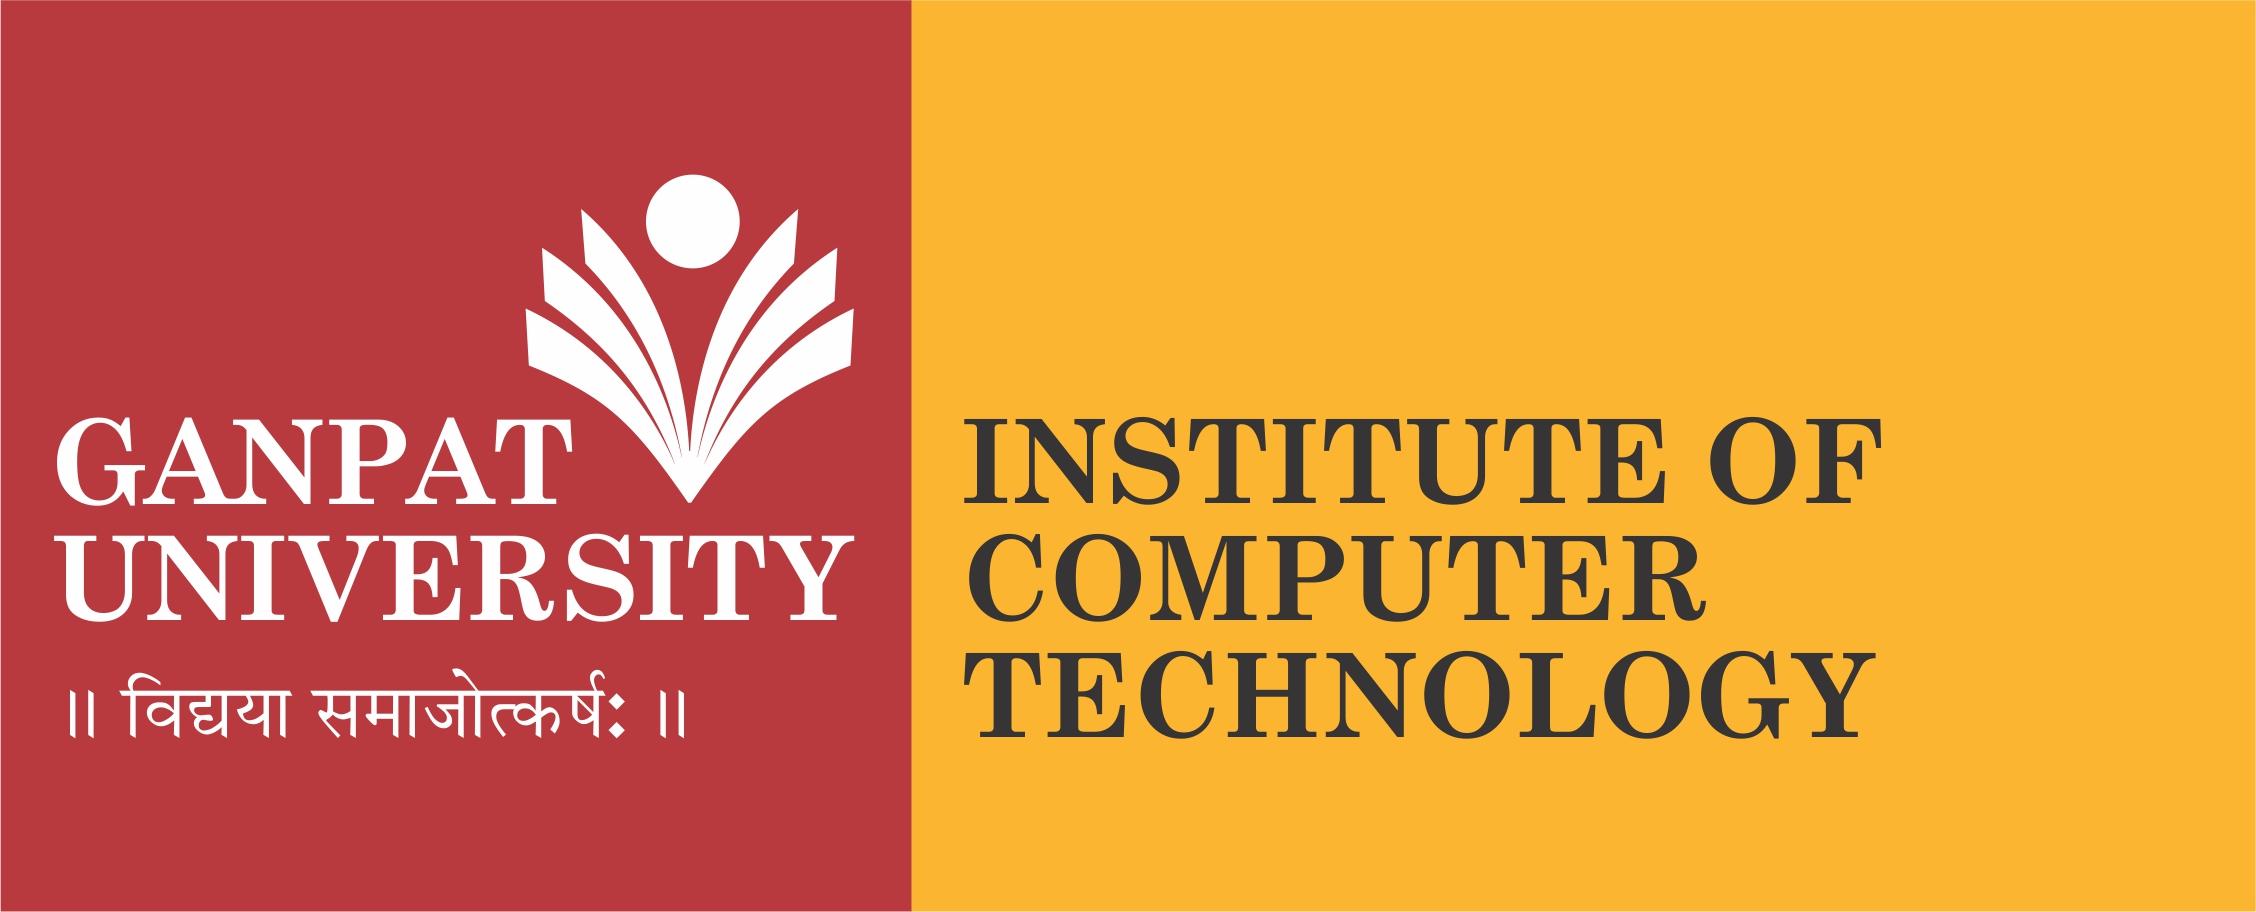 Ganpat University Admission Courses M.COM B.Com LLB MBA